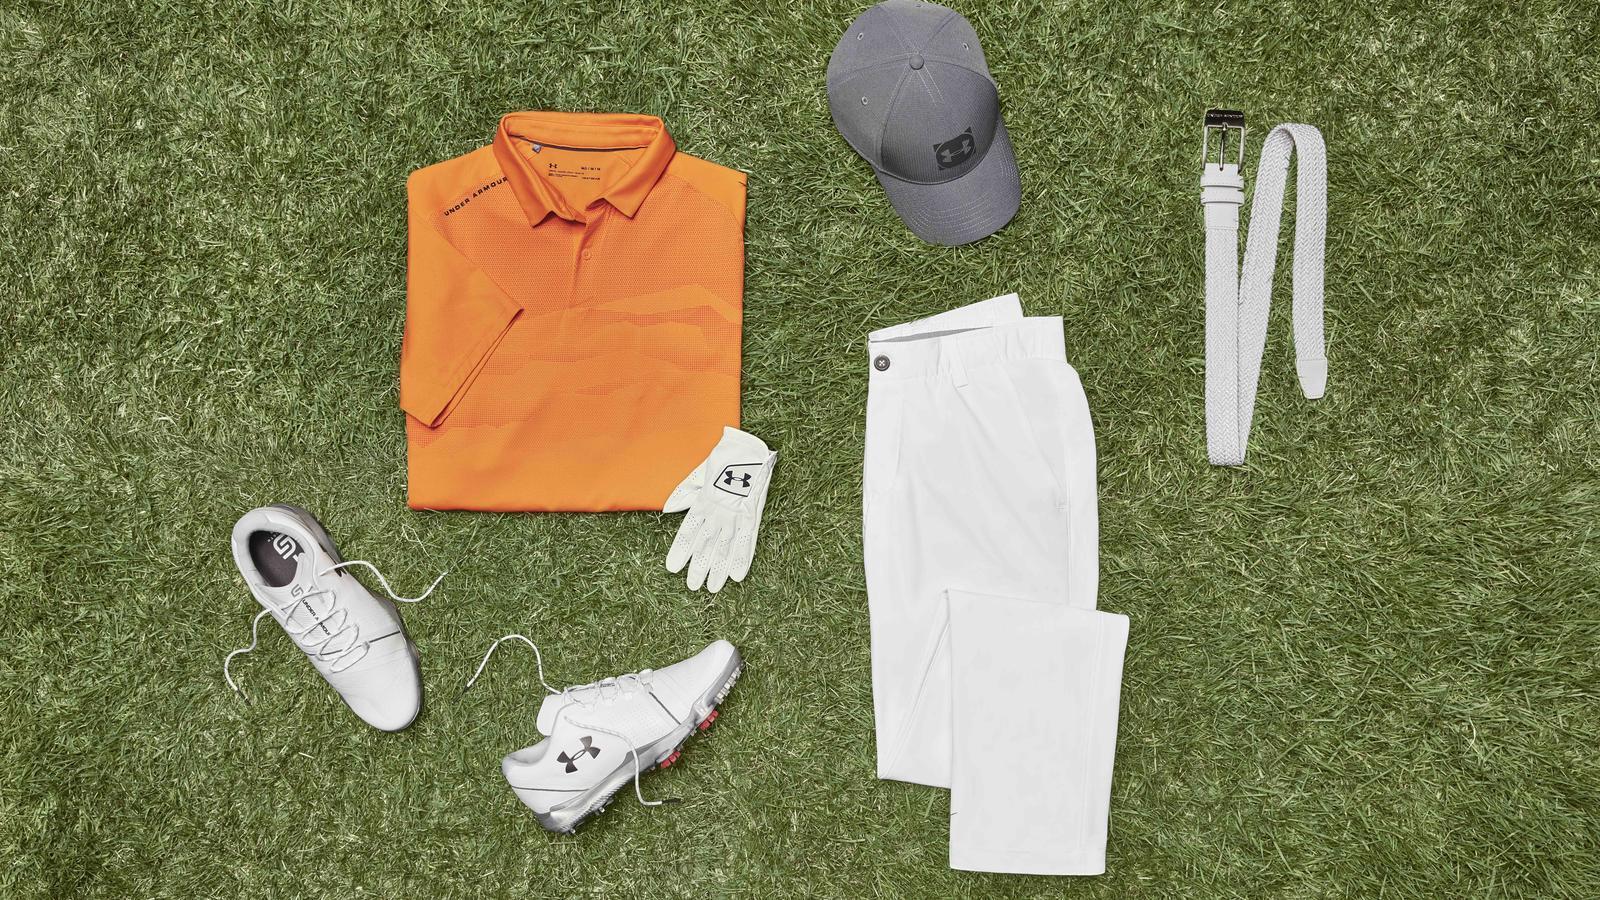 2019 PGA Championship: Jordan's UA Thursday Scripting